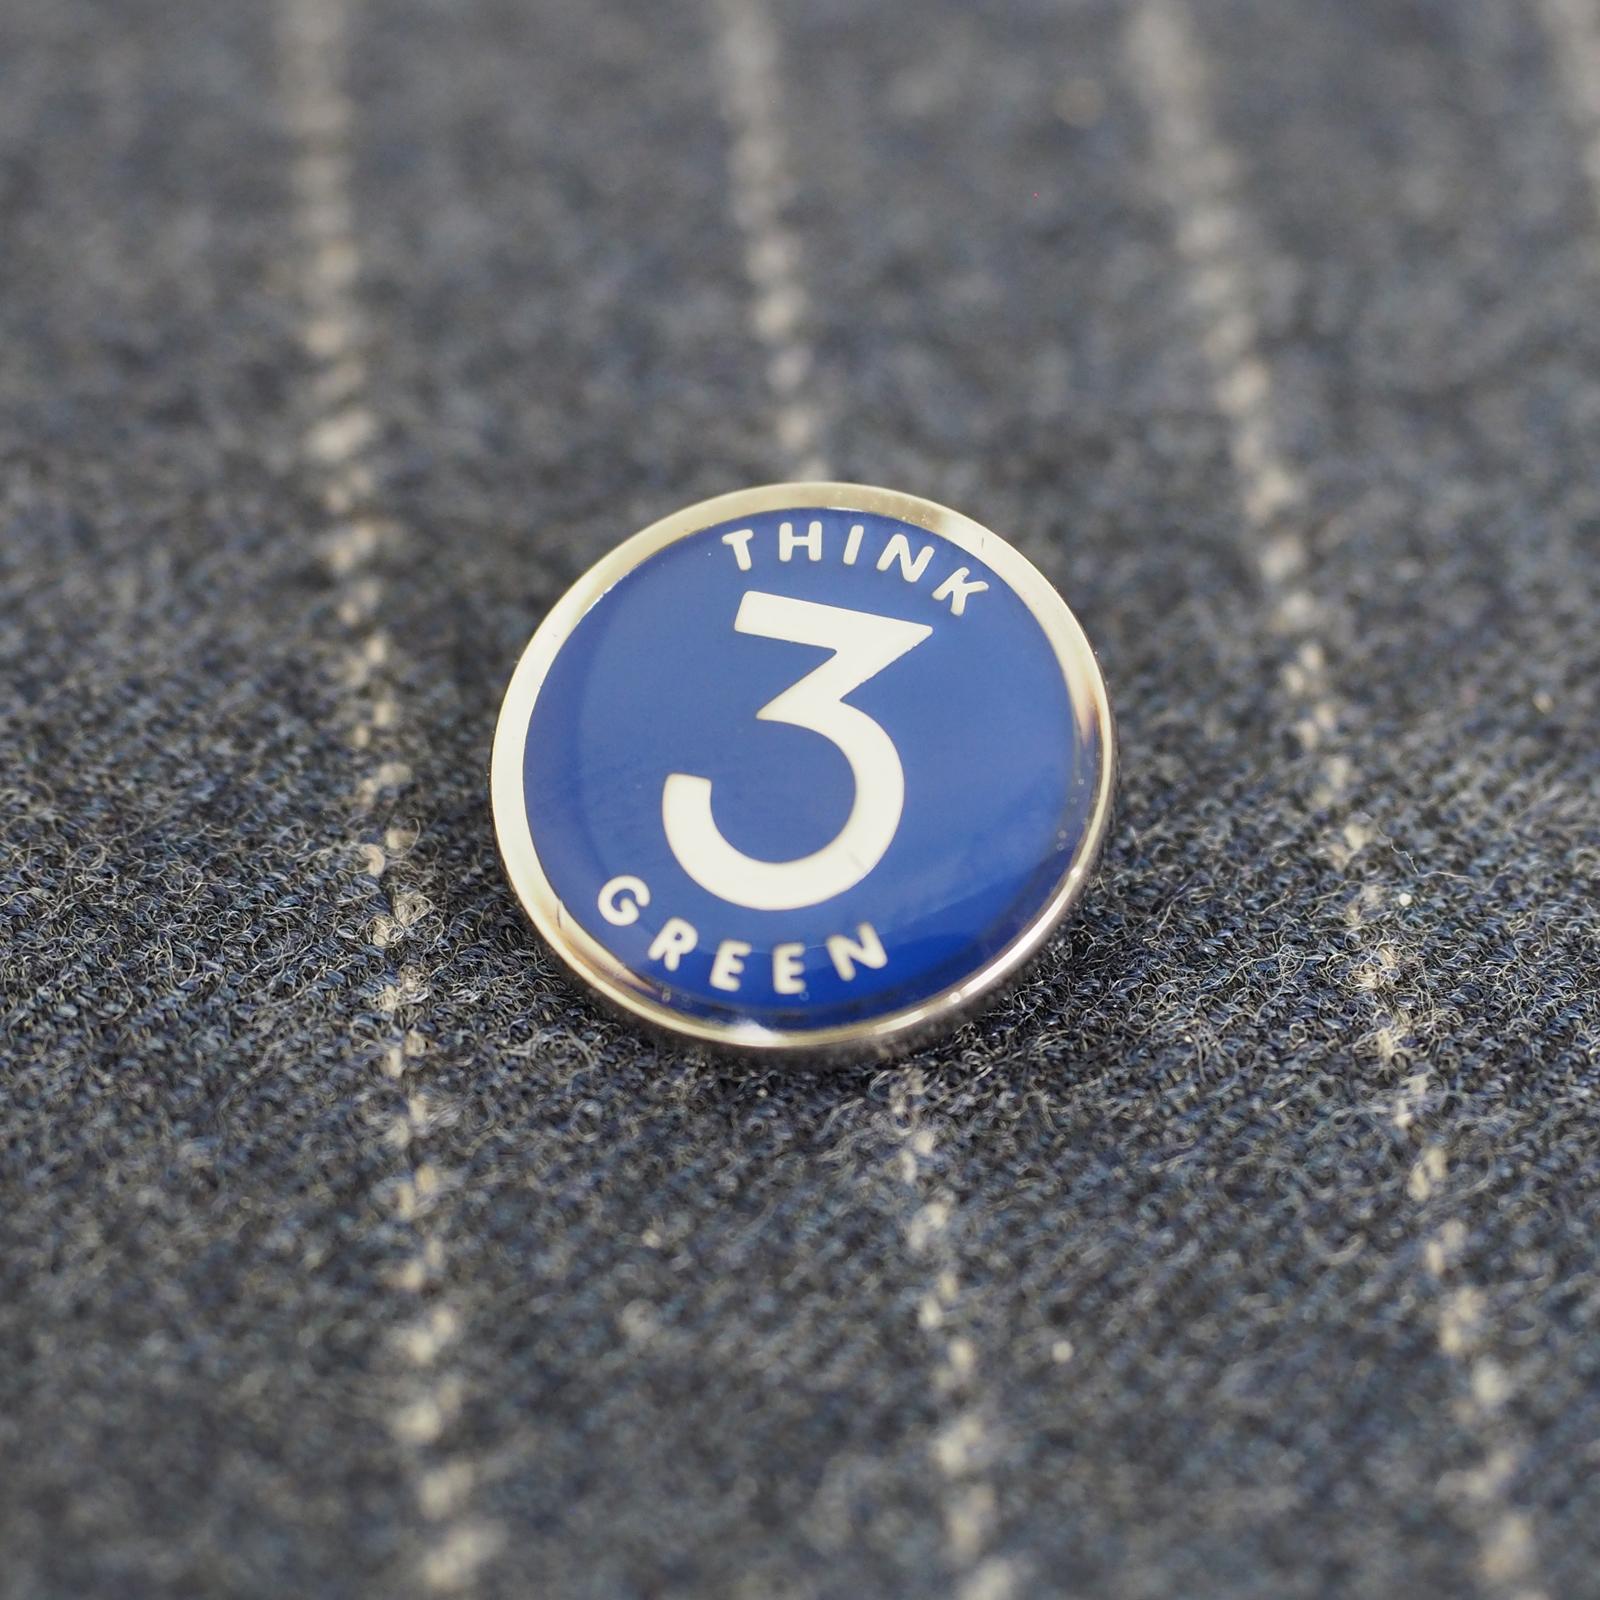 社章 複製 増刷 実物から制作 ランク分け 色分け ピンバッジ 加工 社章制作 オシャレ 徽章 襟章